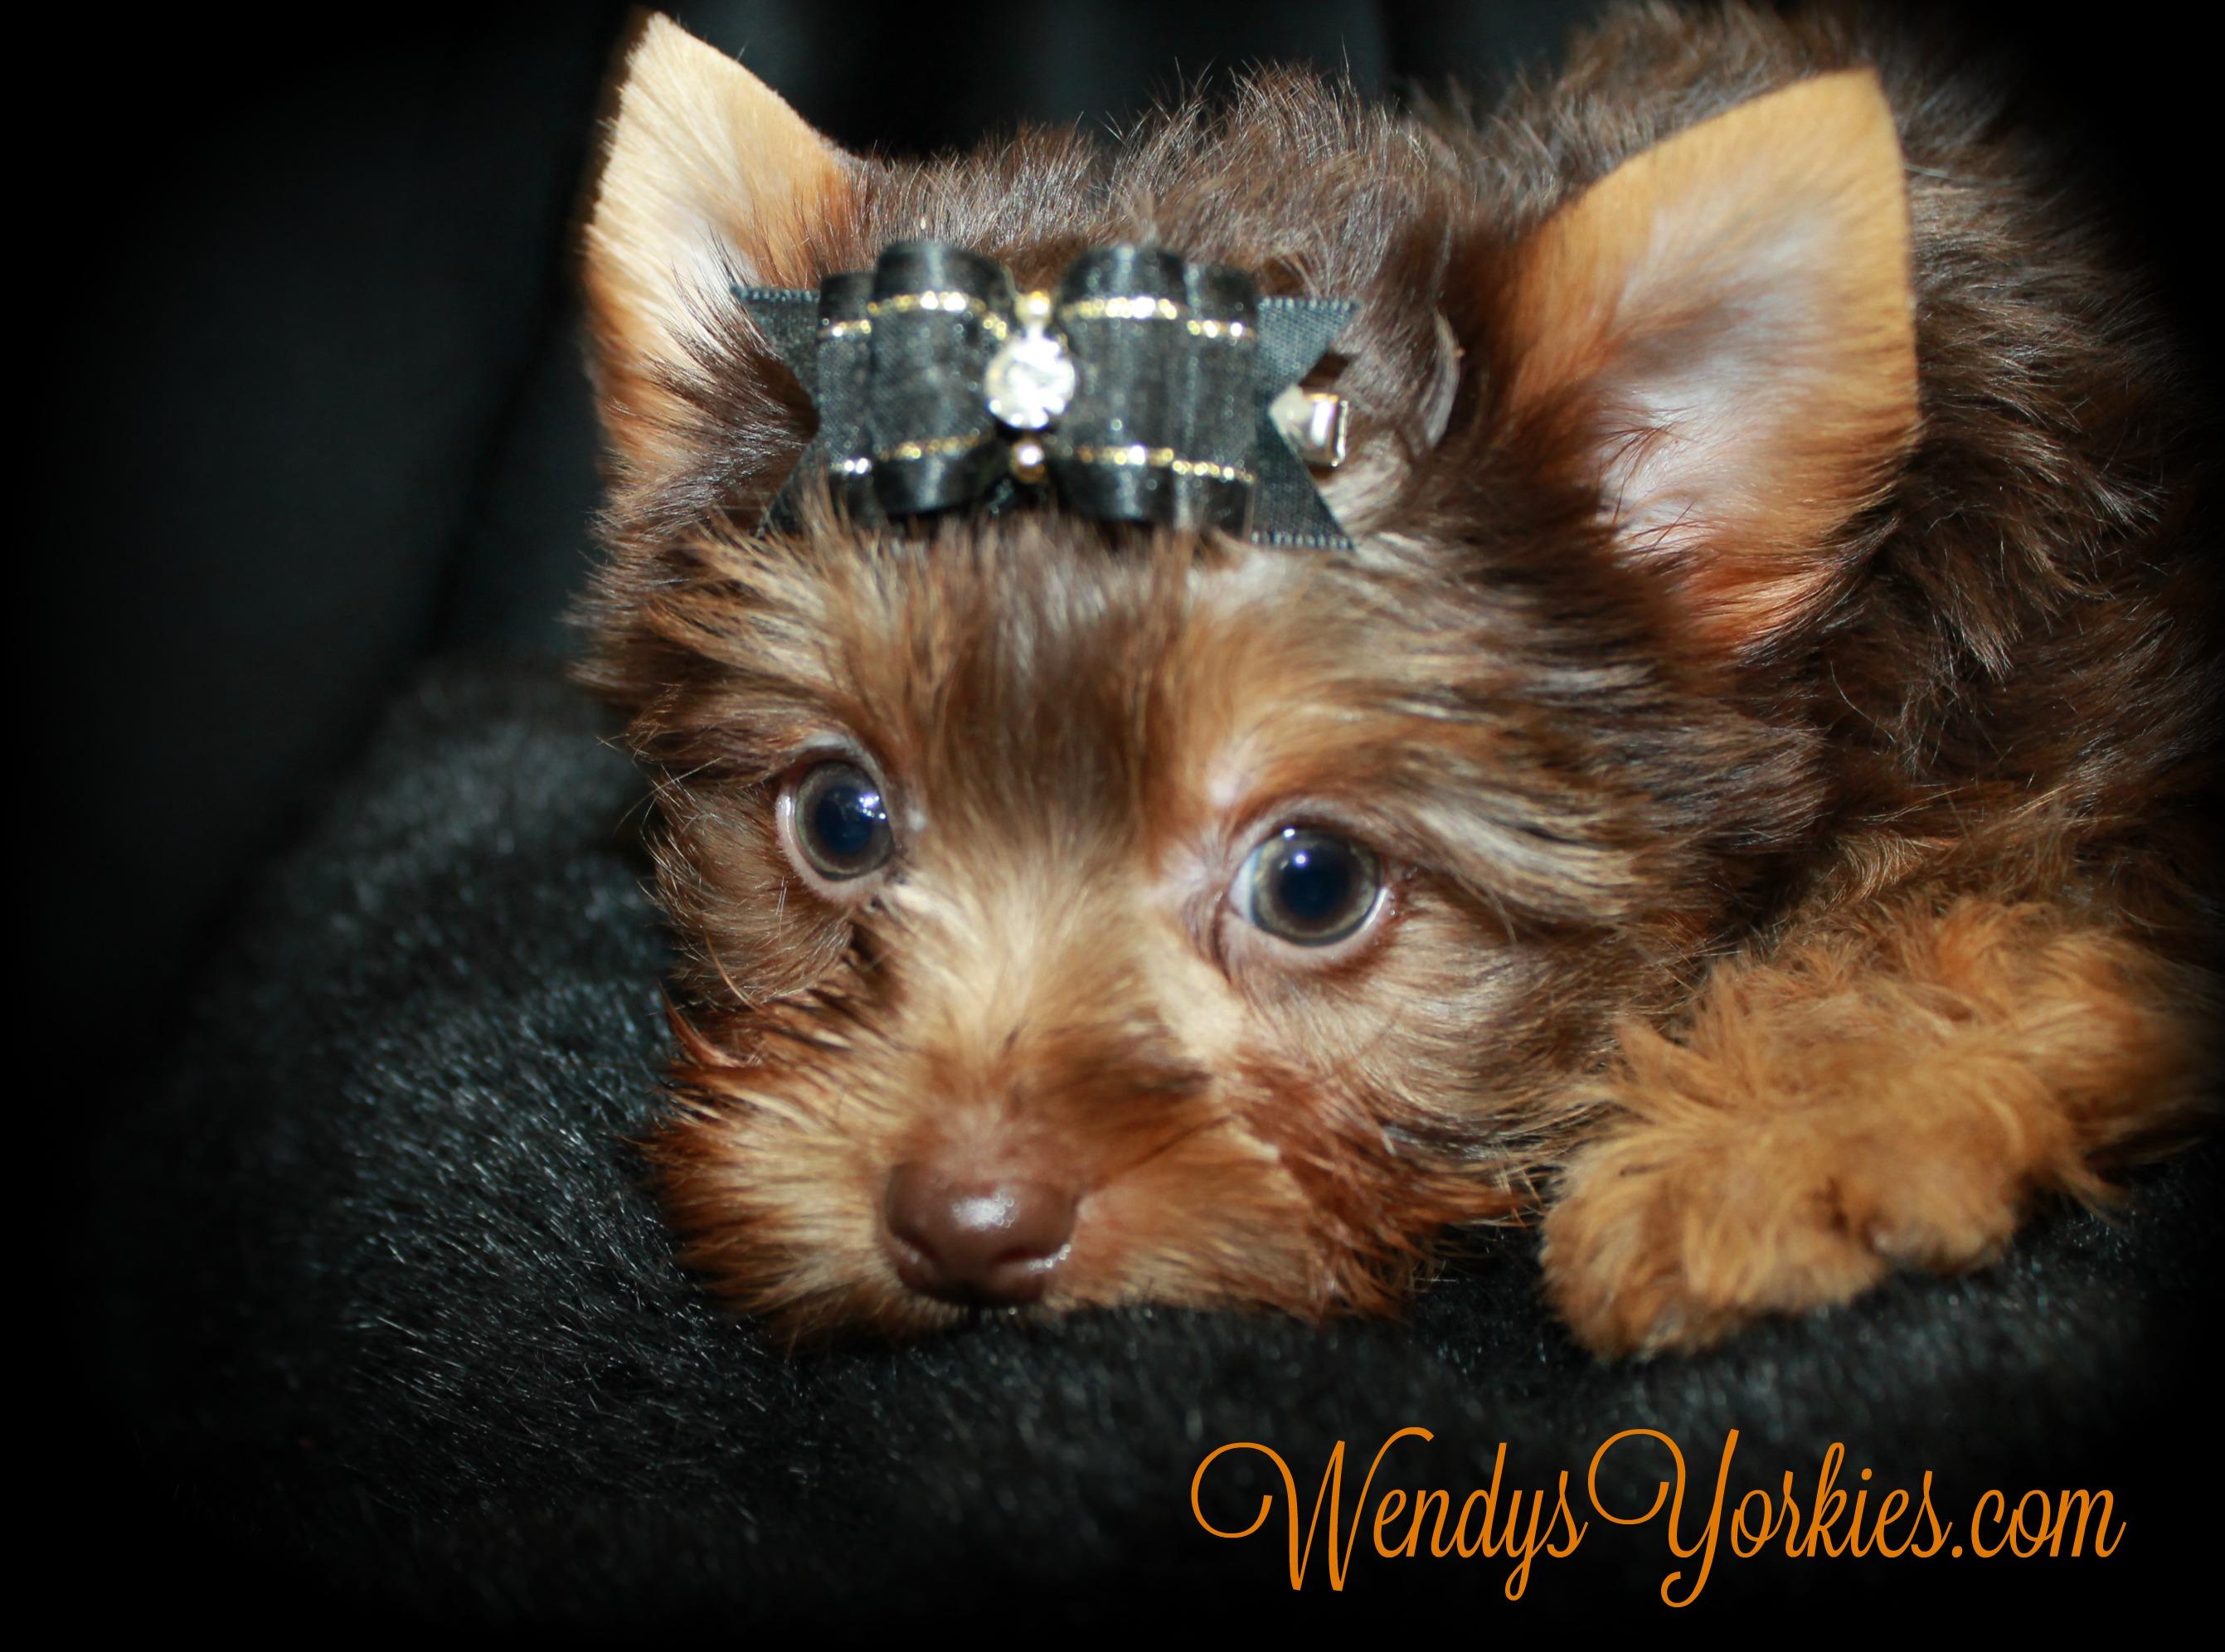 Cute Chocolate Yorkie puppy for sale, WendysYorkies, Skeeter m1